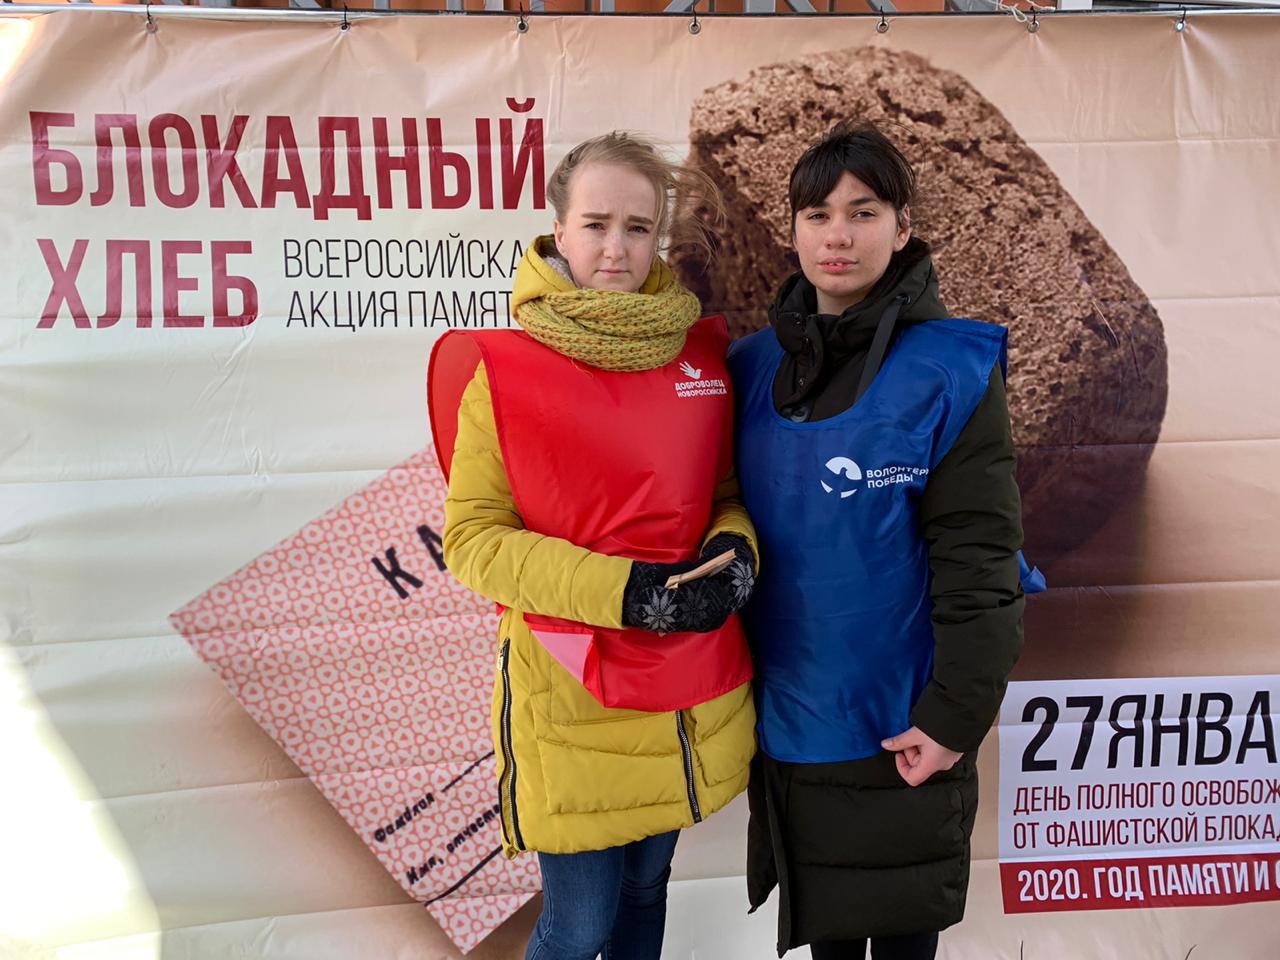 Акция памяти «Блокадный хлеб» в Новороссийске